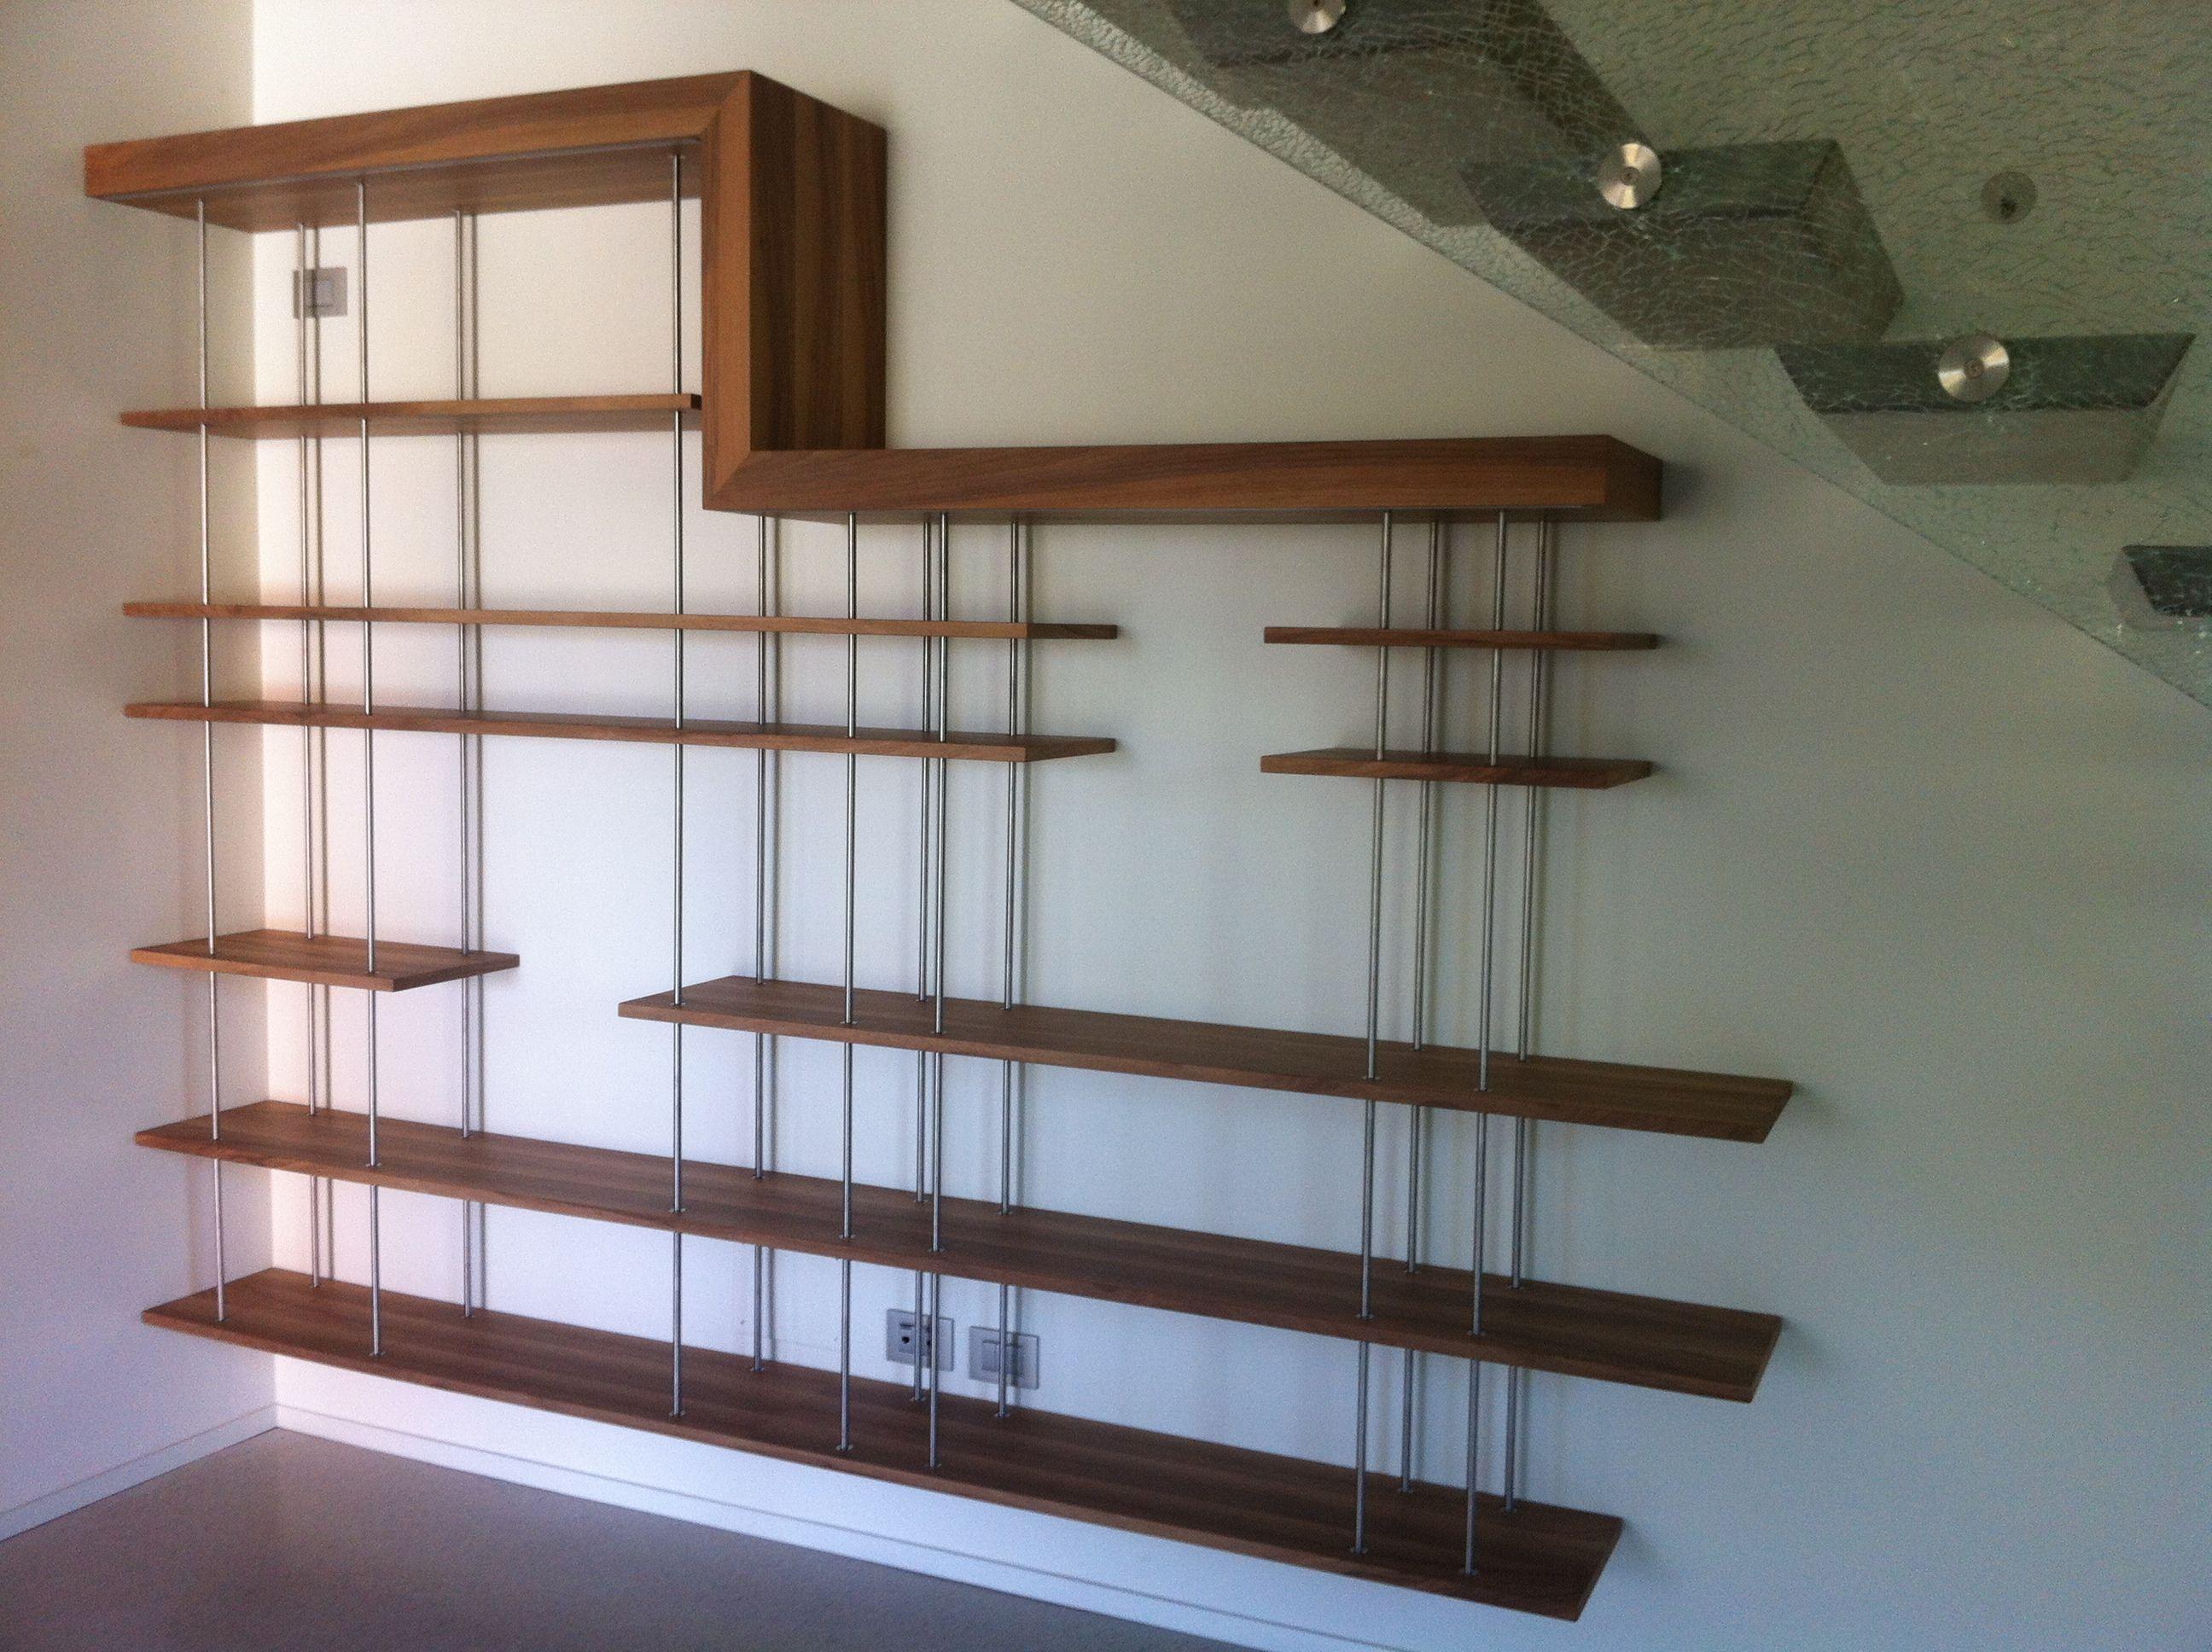 Comodini Con Tronchi : Libreria originale for the home pinterest